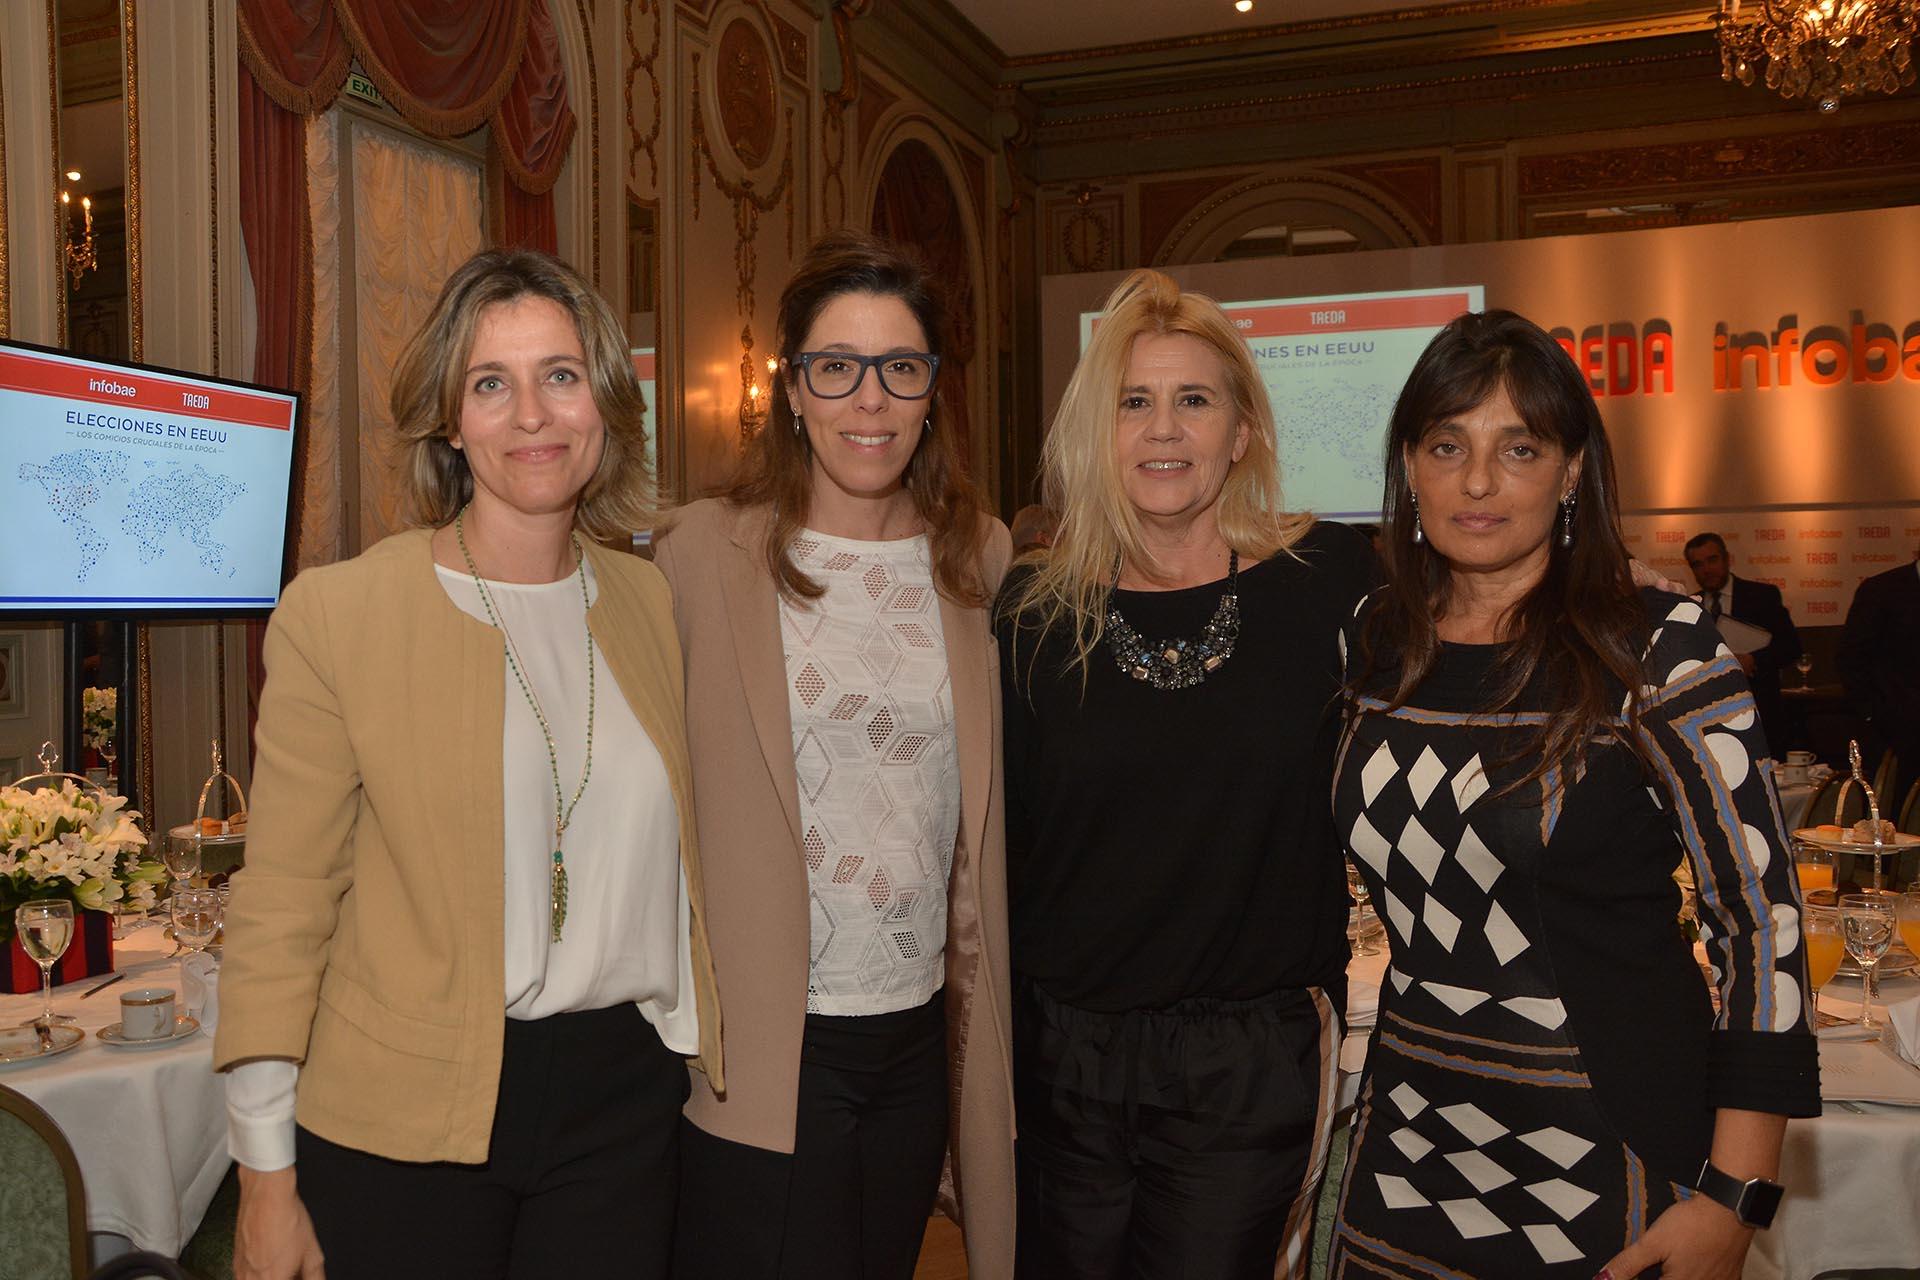 La empresaria Patricia Santa Marina, Laura Alonso, la doctora Marcela Losardo y Viviana Zocco